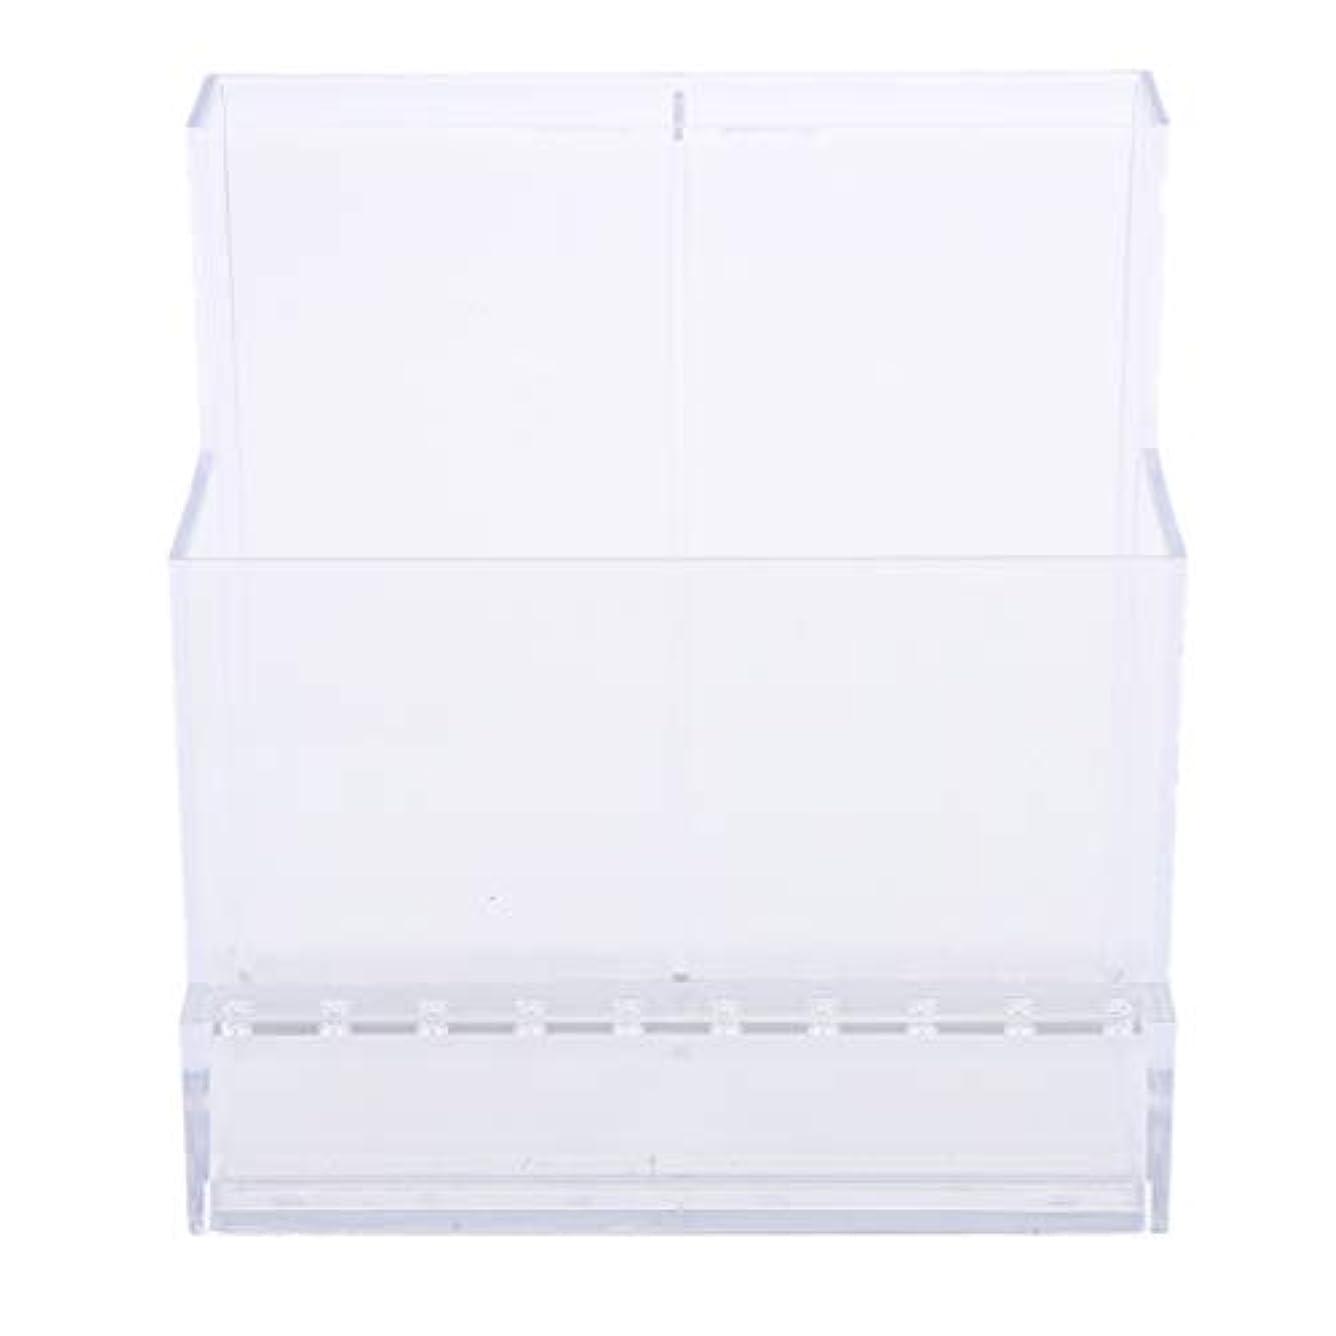 箱公達成するネイルアート ドリルビットホルダー スタンド ディスプレイボックス ネイルサロン 収納ボックス 2色選べ - クリア